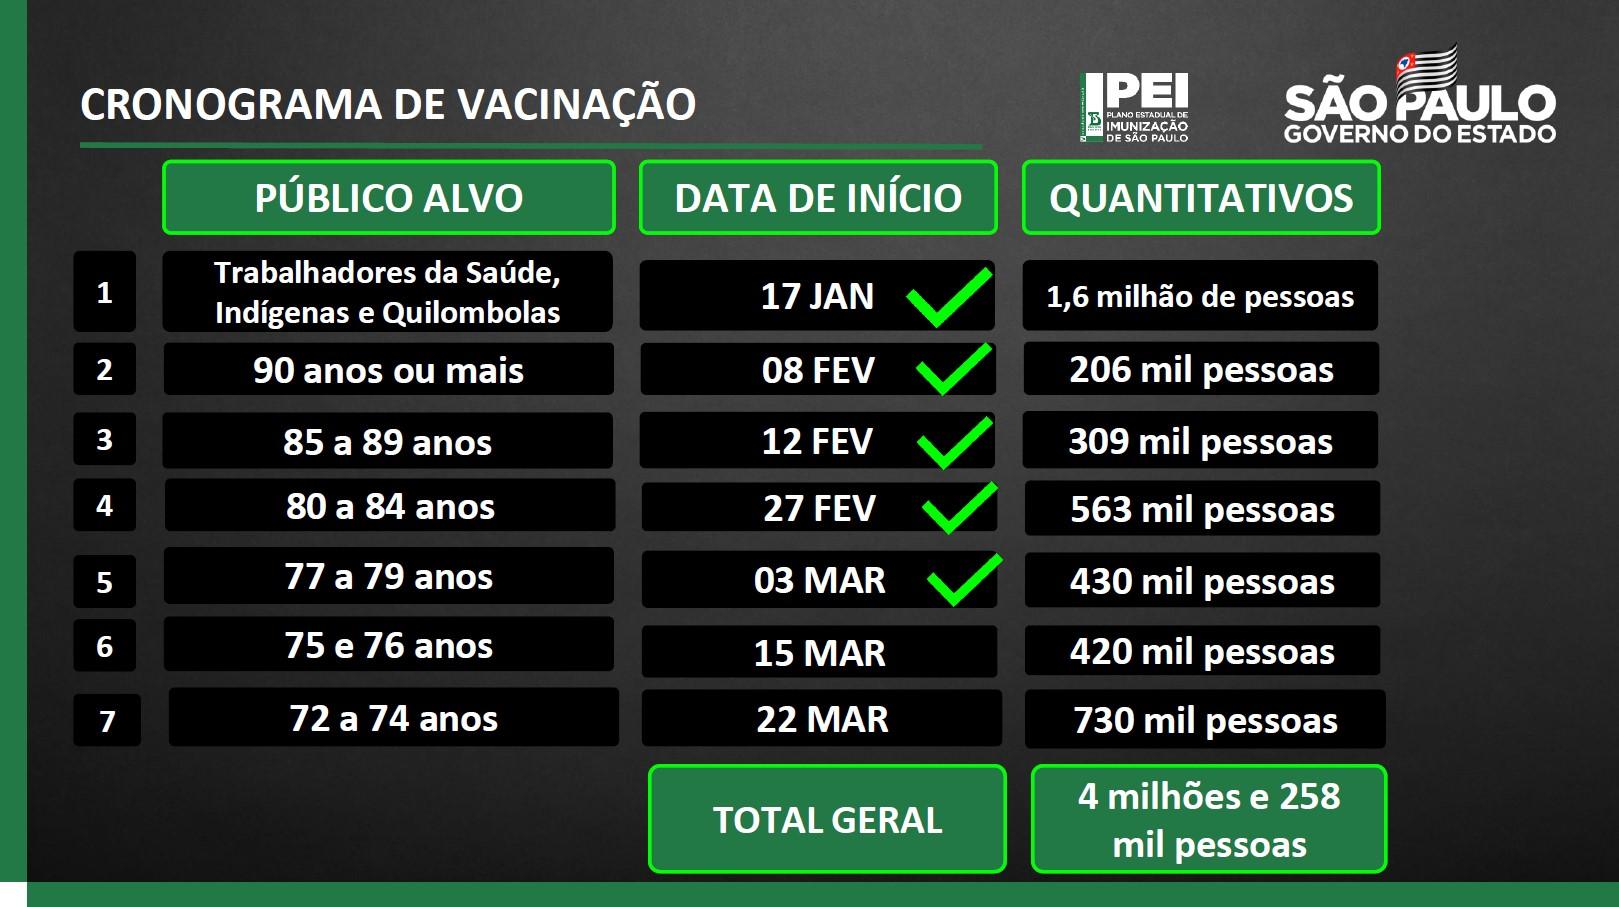 Cronograma de vacinação contra Covid-19 em São Paulo